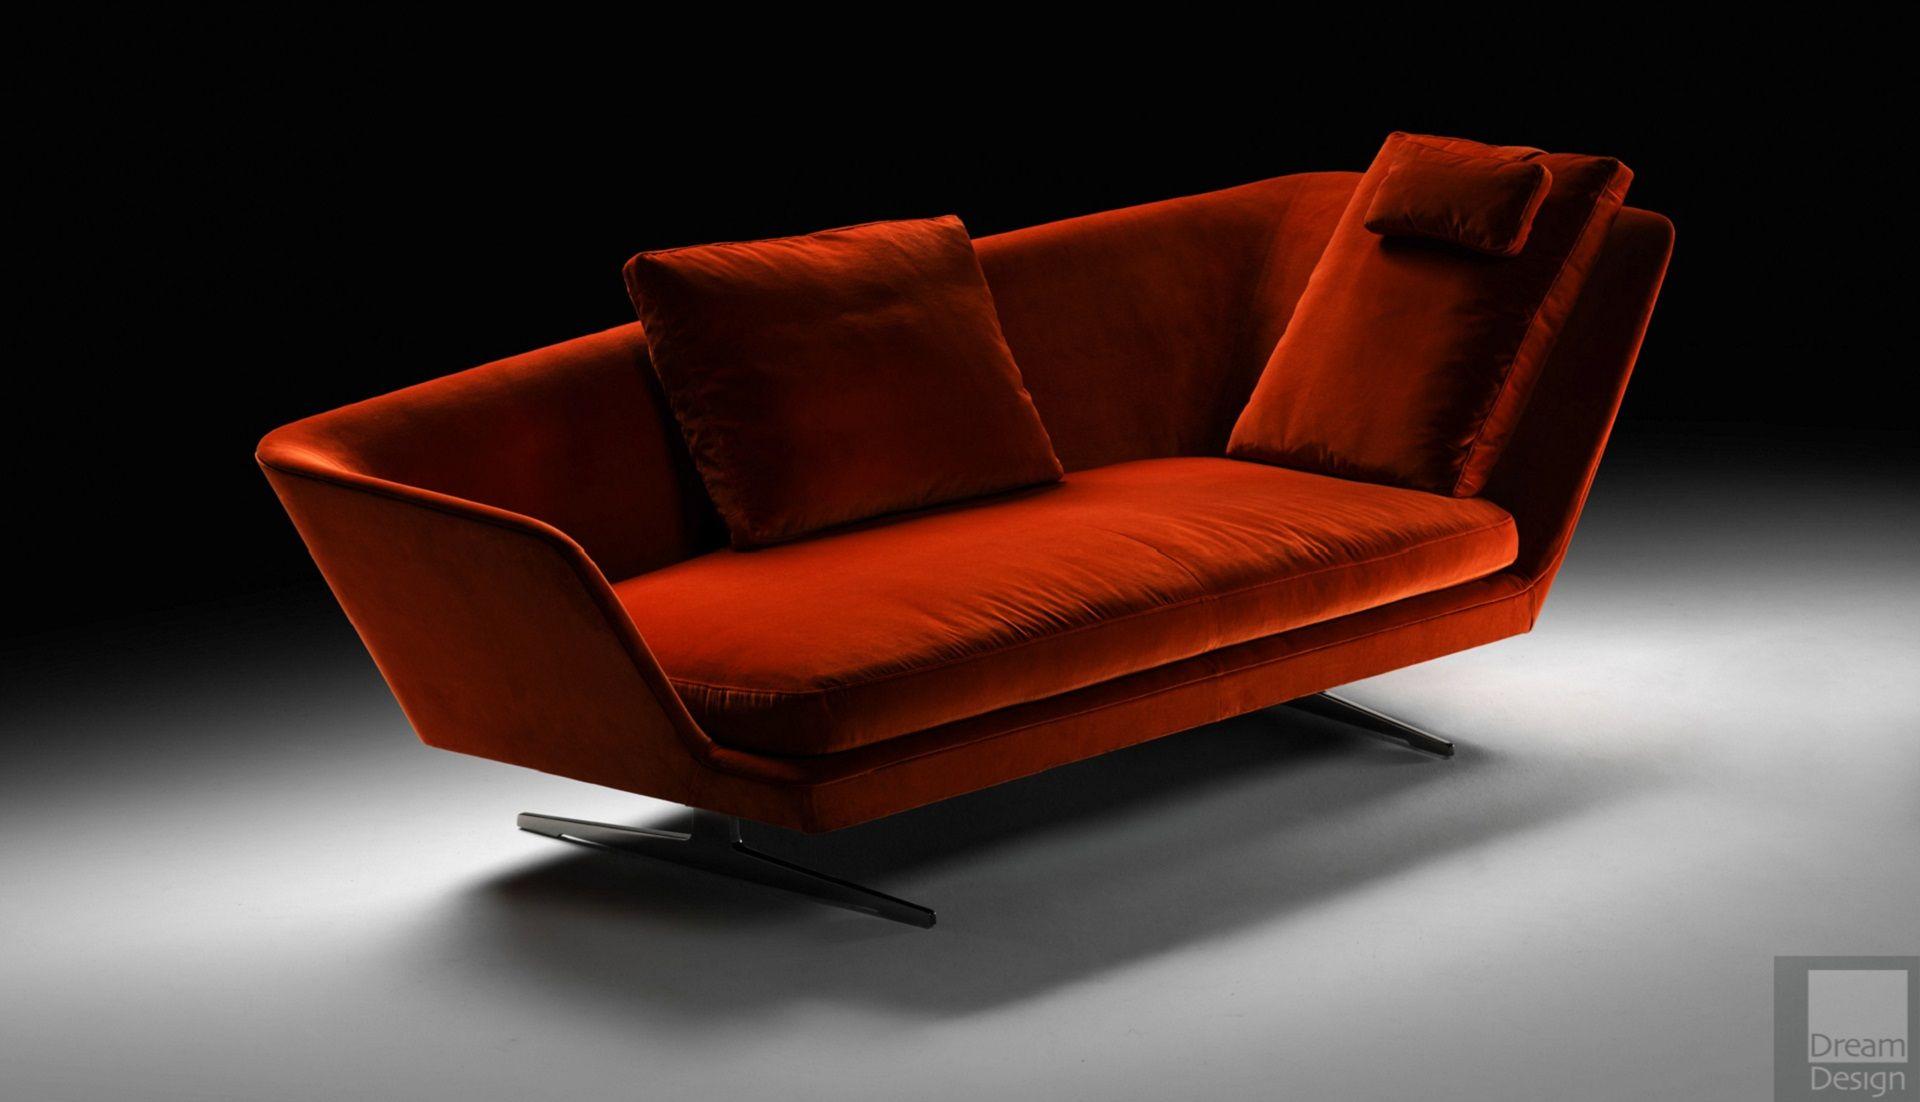 Flexform zeus chaise longue by antonio citterio for Chaise longue flexform